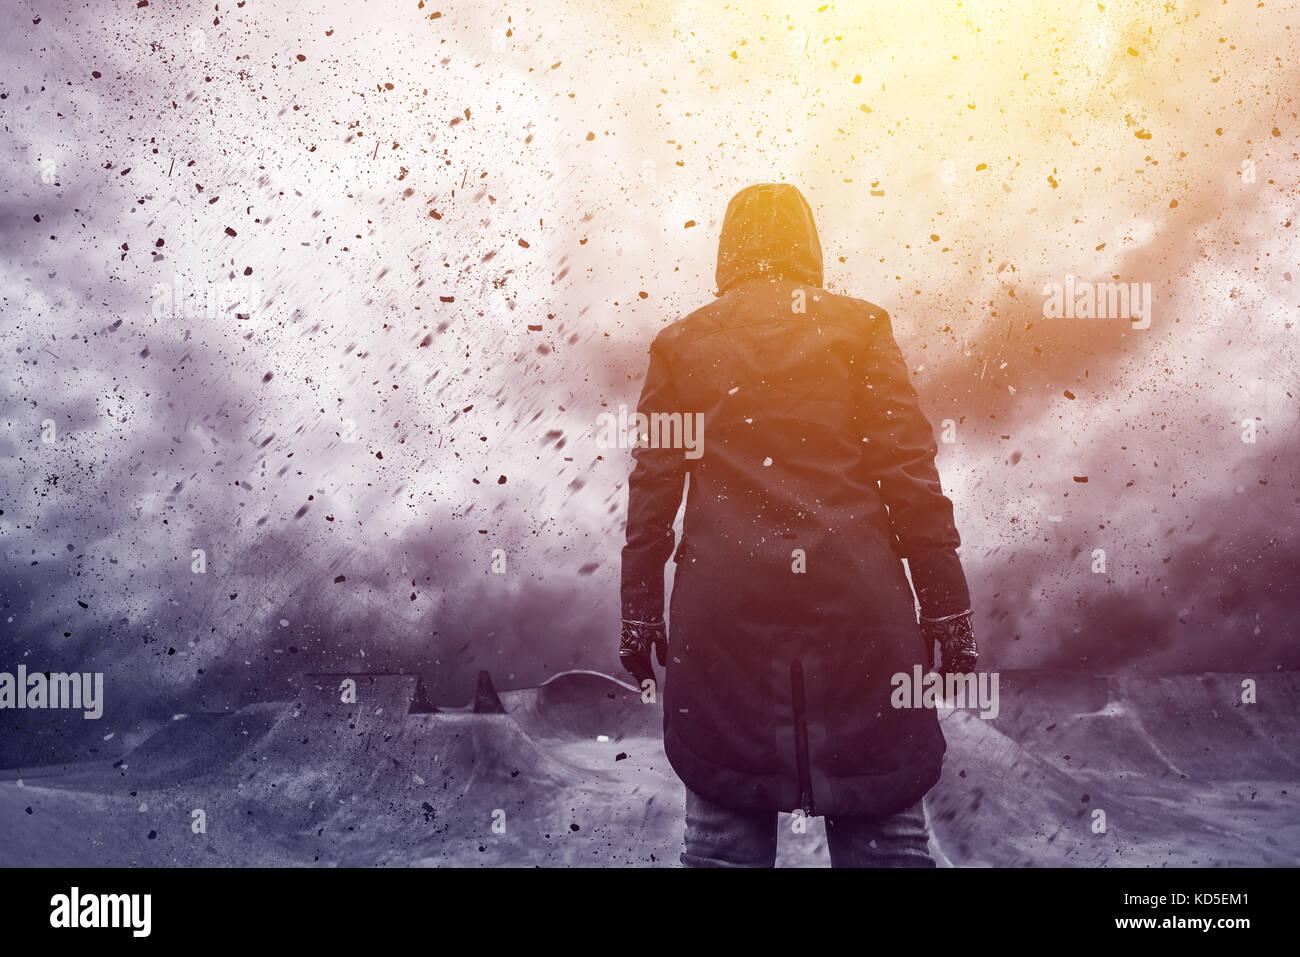 Image conceptuelle de jeunes femmes personne qui fait face à un avenir incertain, le contenu des médias Photo Stock